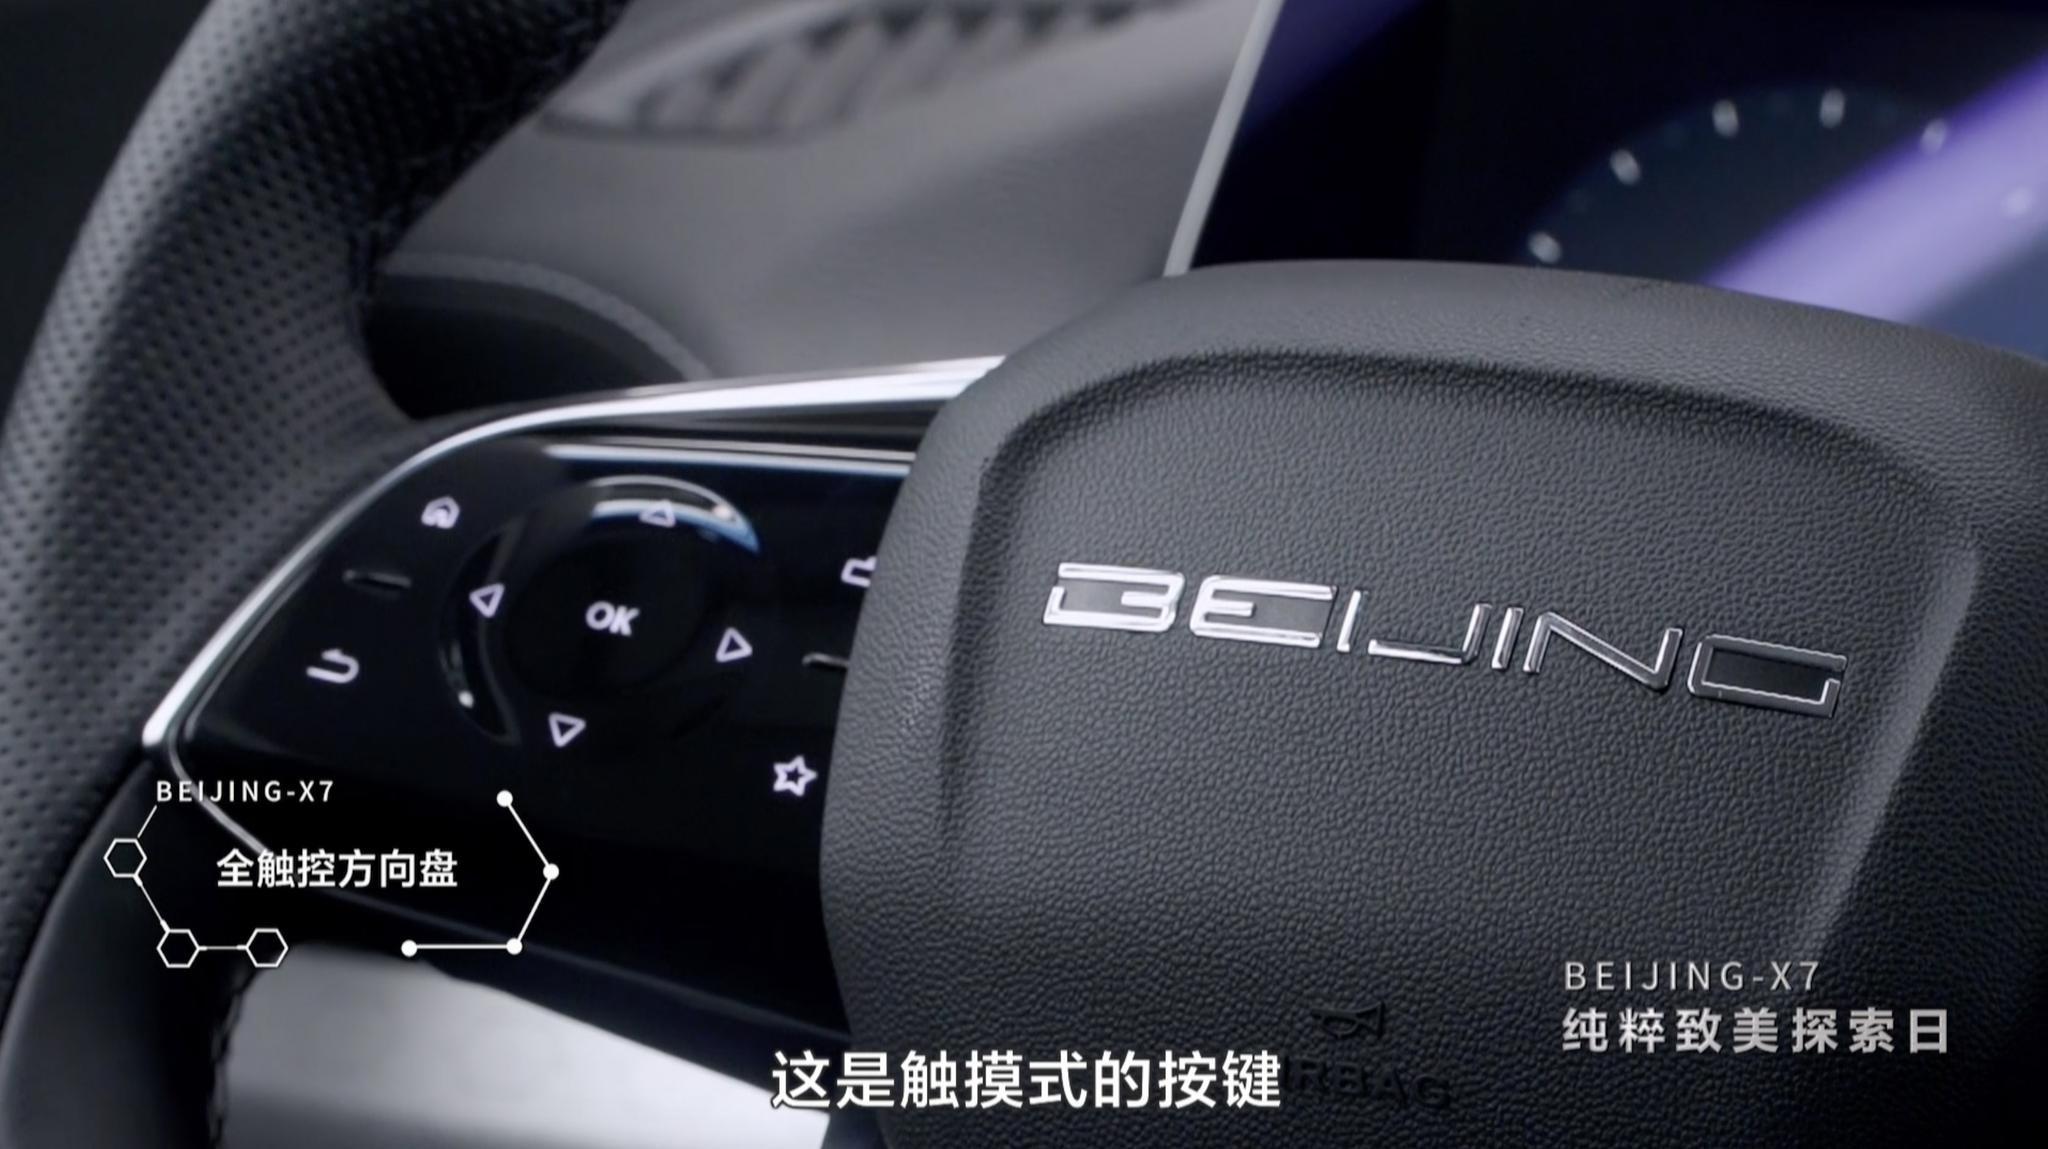 预售10-15万元,BEIJING旗舰X7能成爆款吗?|新车